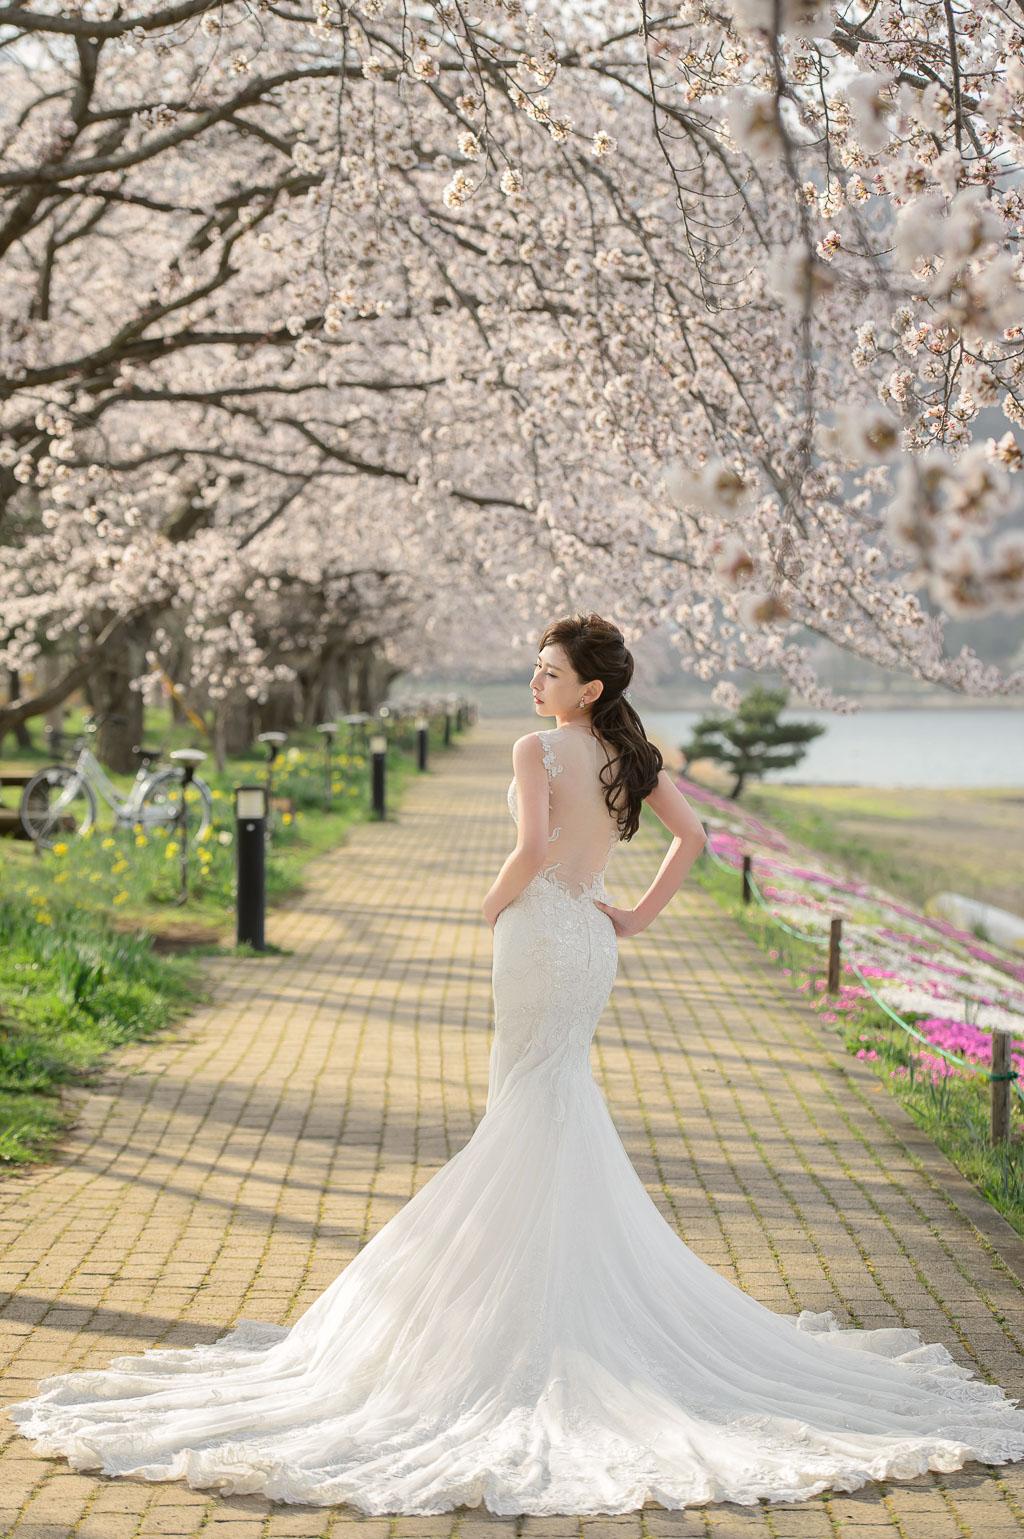 婚攝小勇,小寶團隊, Niniko, 自助婚紗, 海外婚紗,河口湖,櫻花,富士山-013